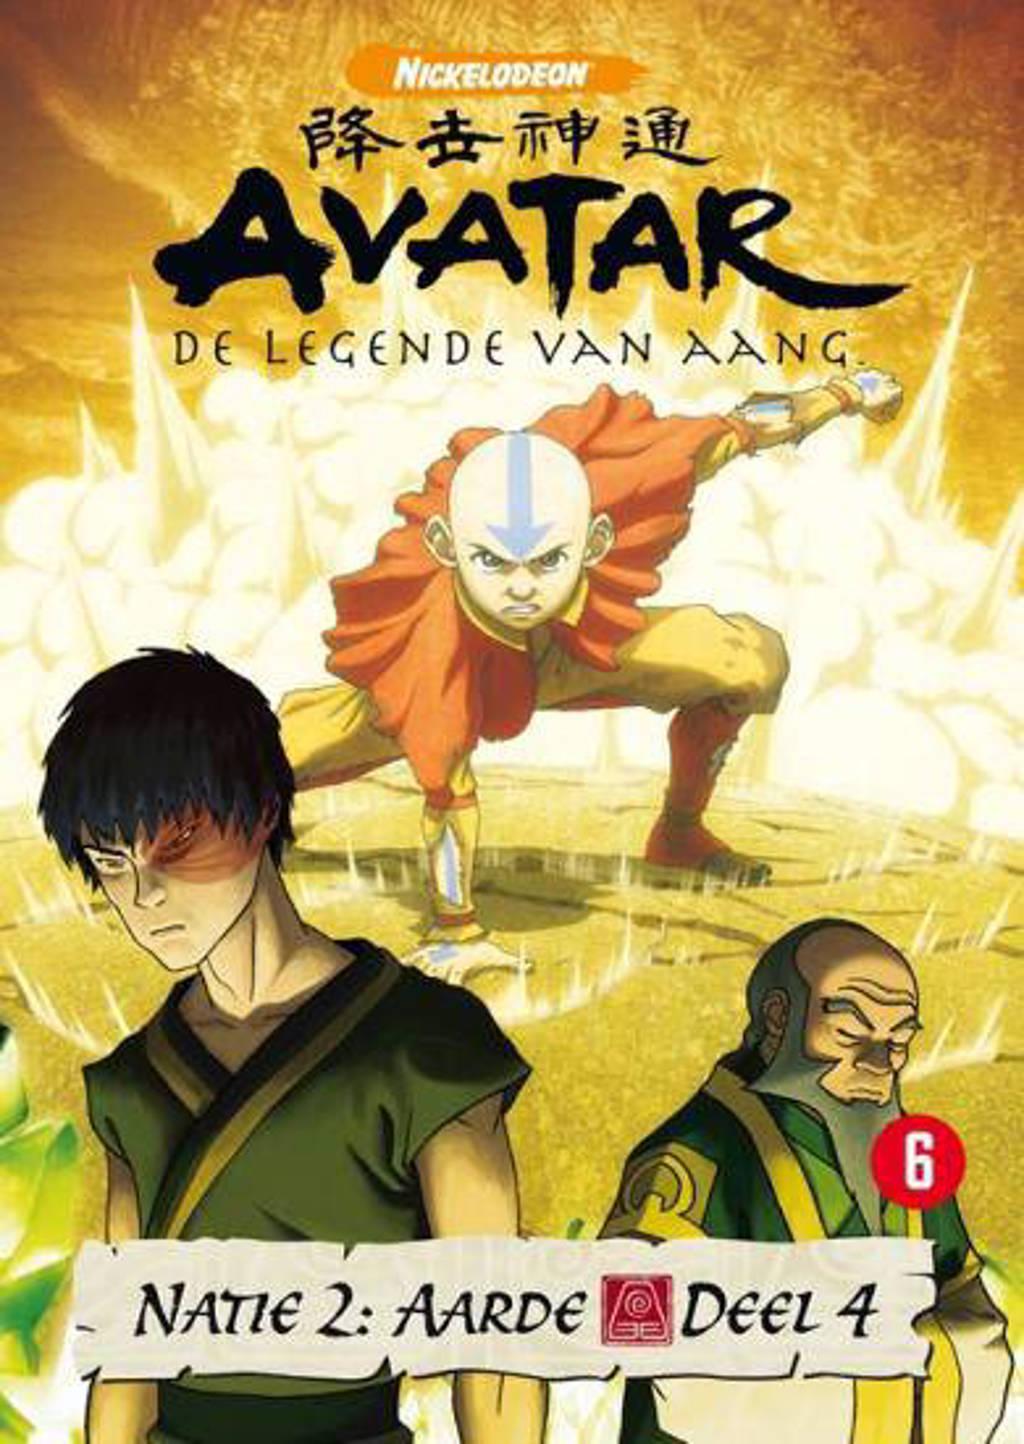 Avatar natie 2 - Aarde deel 4 (DVD)